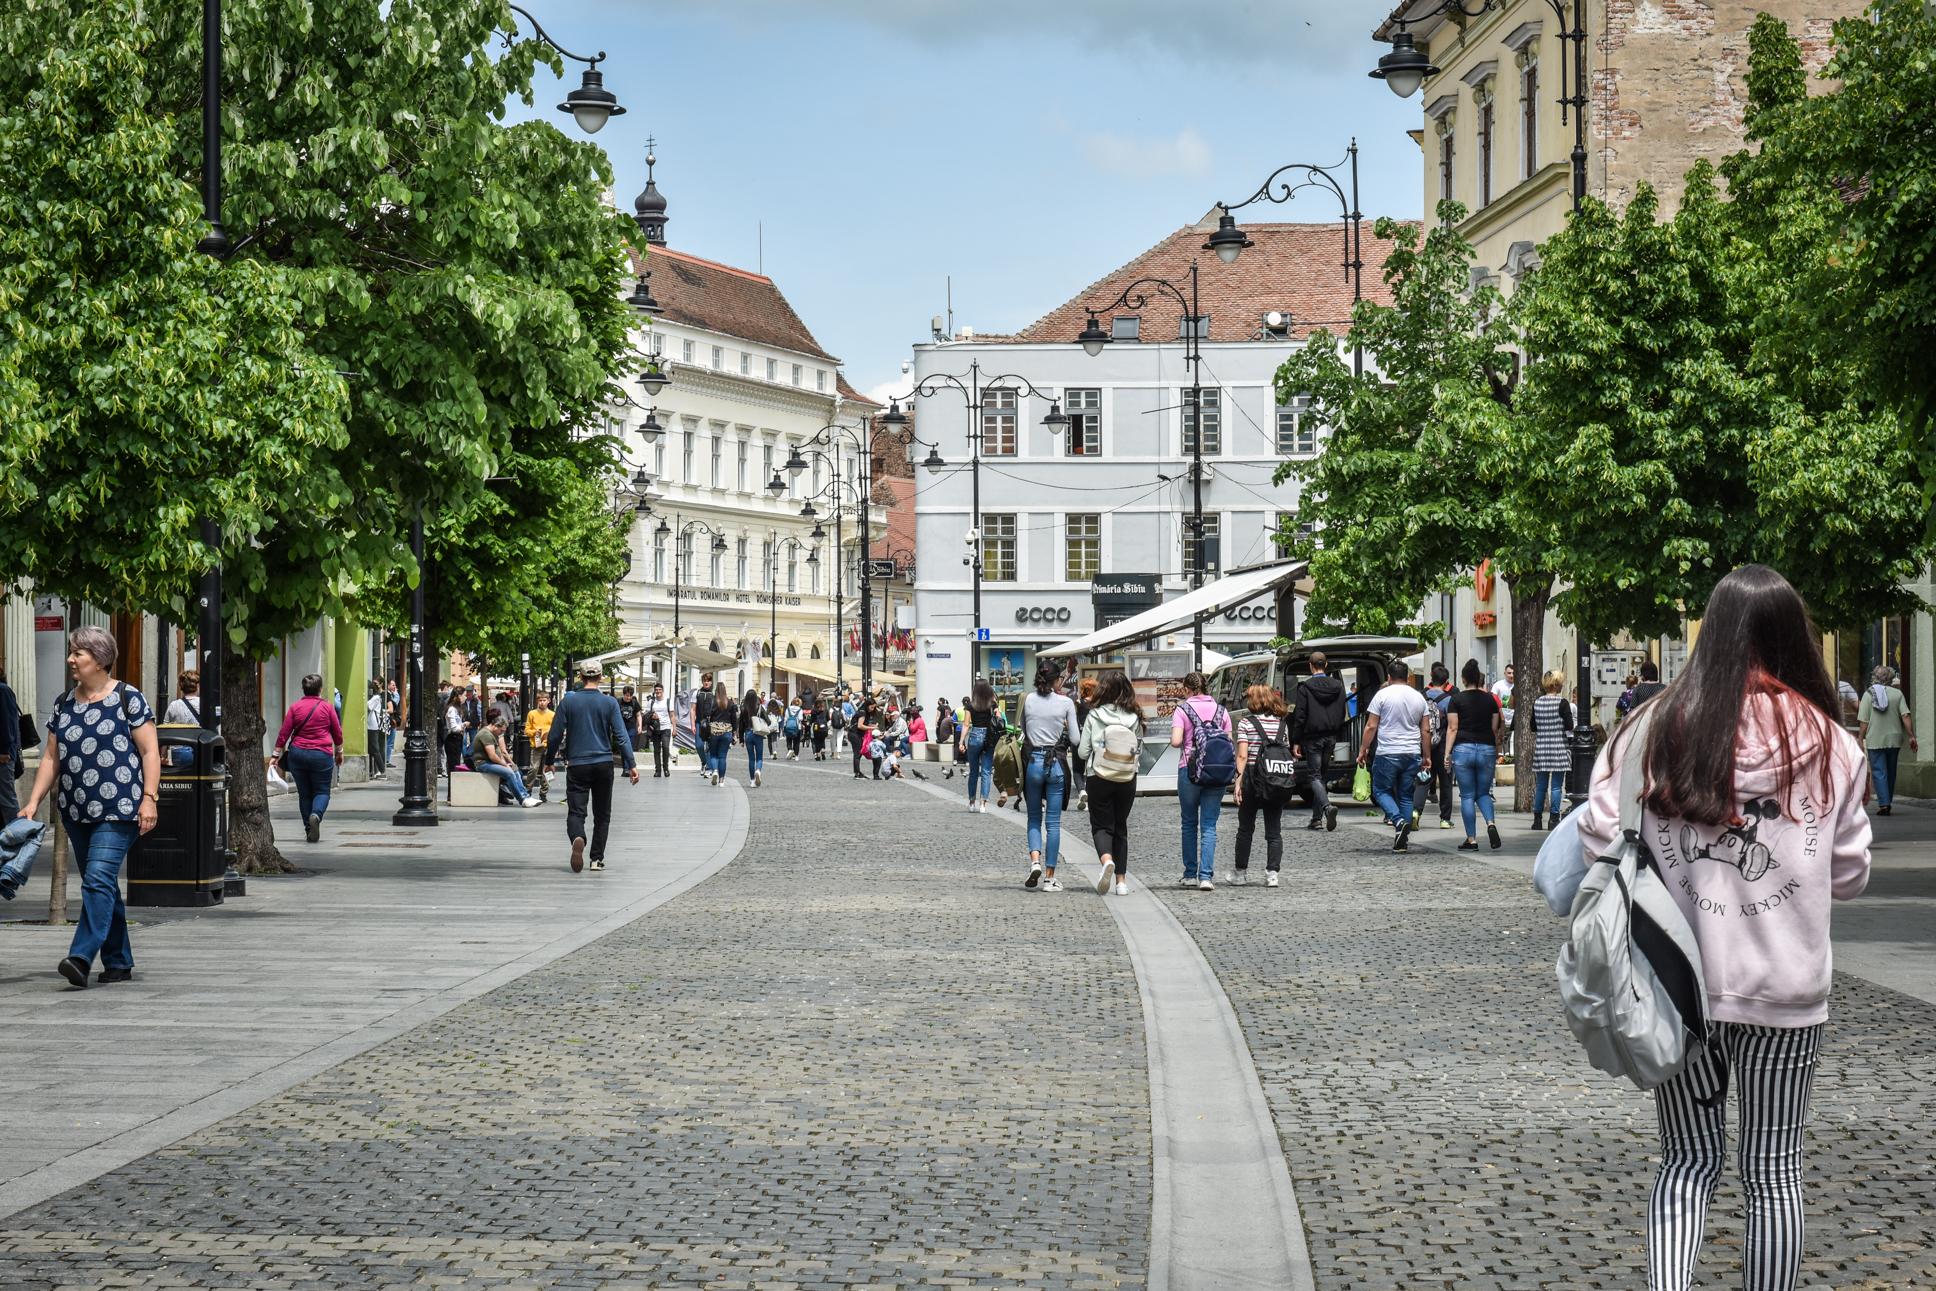 11 cazuri active în municipiul Sibiu. Incidența rămâne scăzută în tot județul